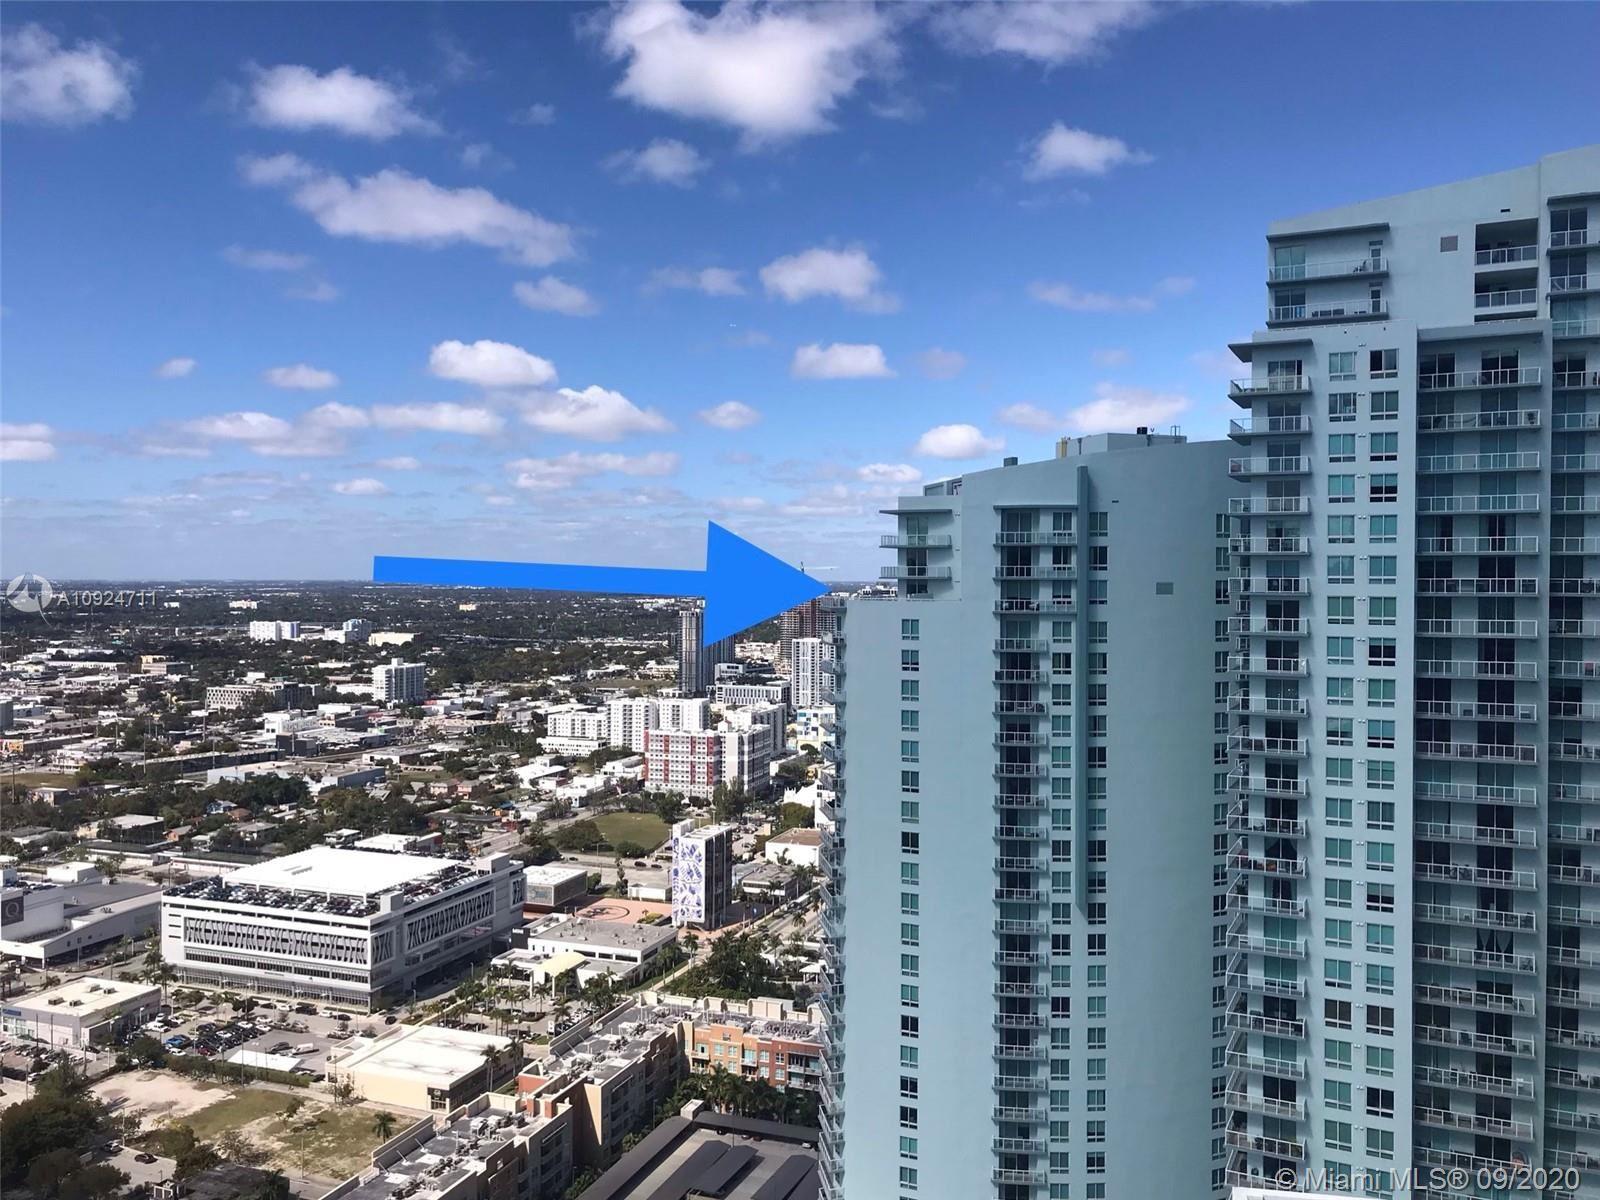 1900 N Bayshore Dr #4214, Miami, FL 33132 - #: A10924711